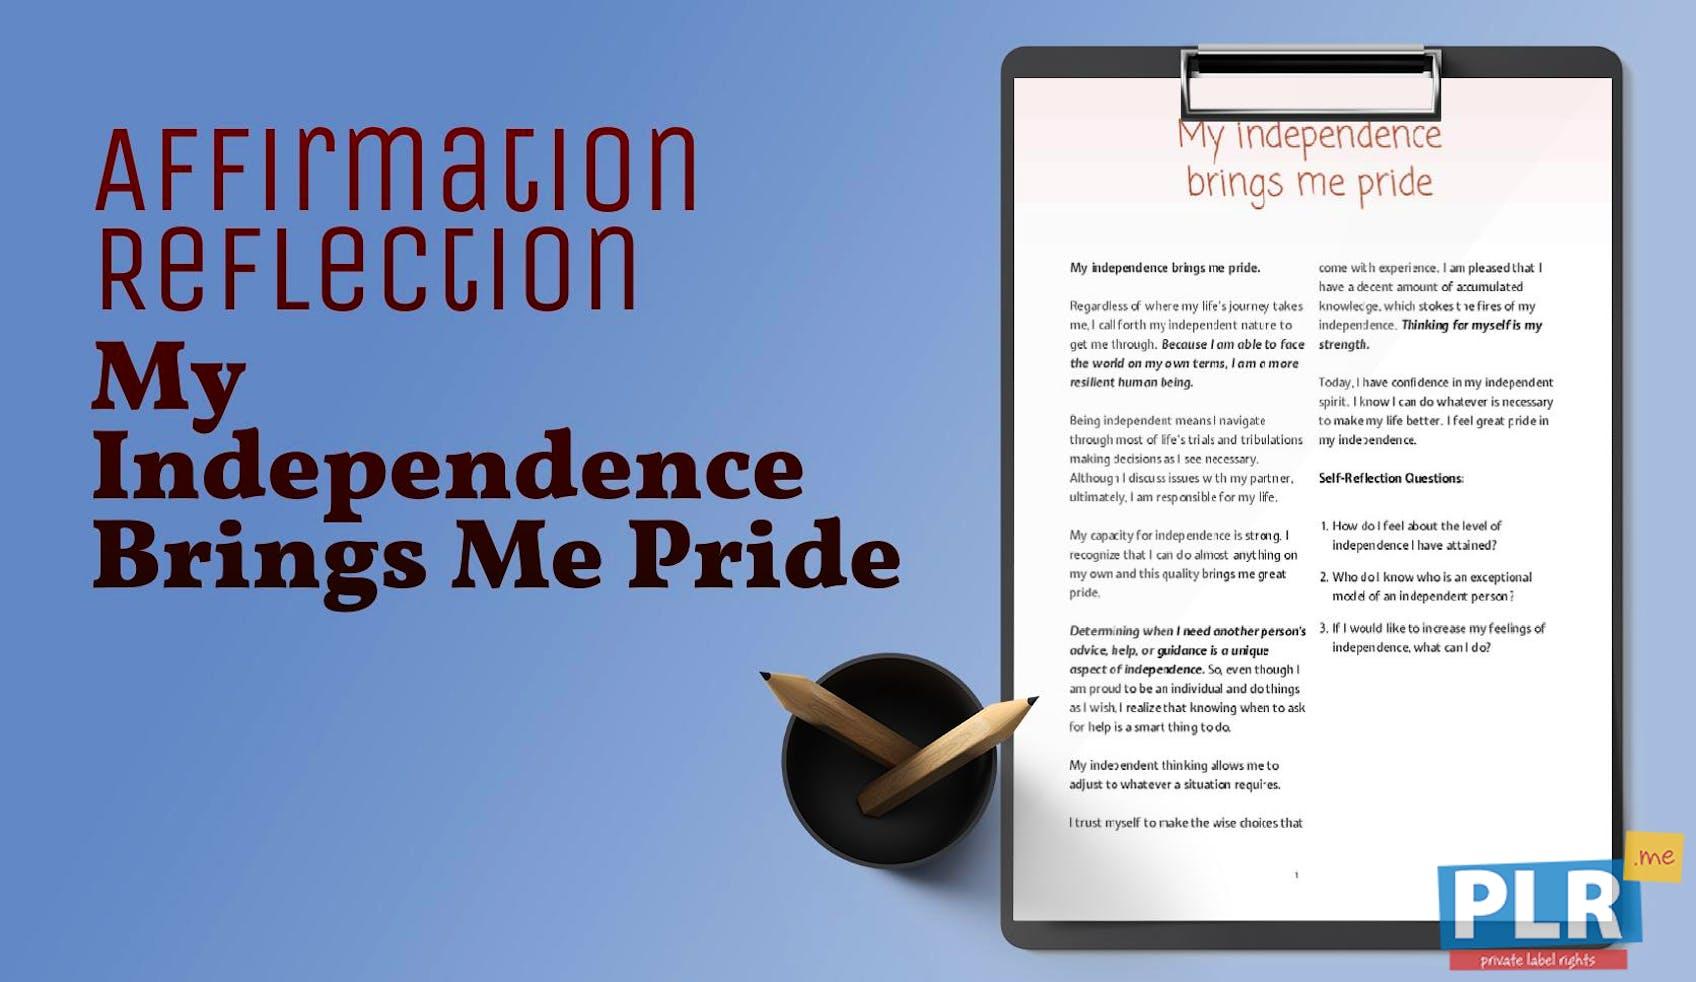 My Independence Brings Me Pride